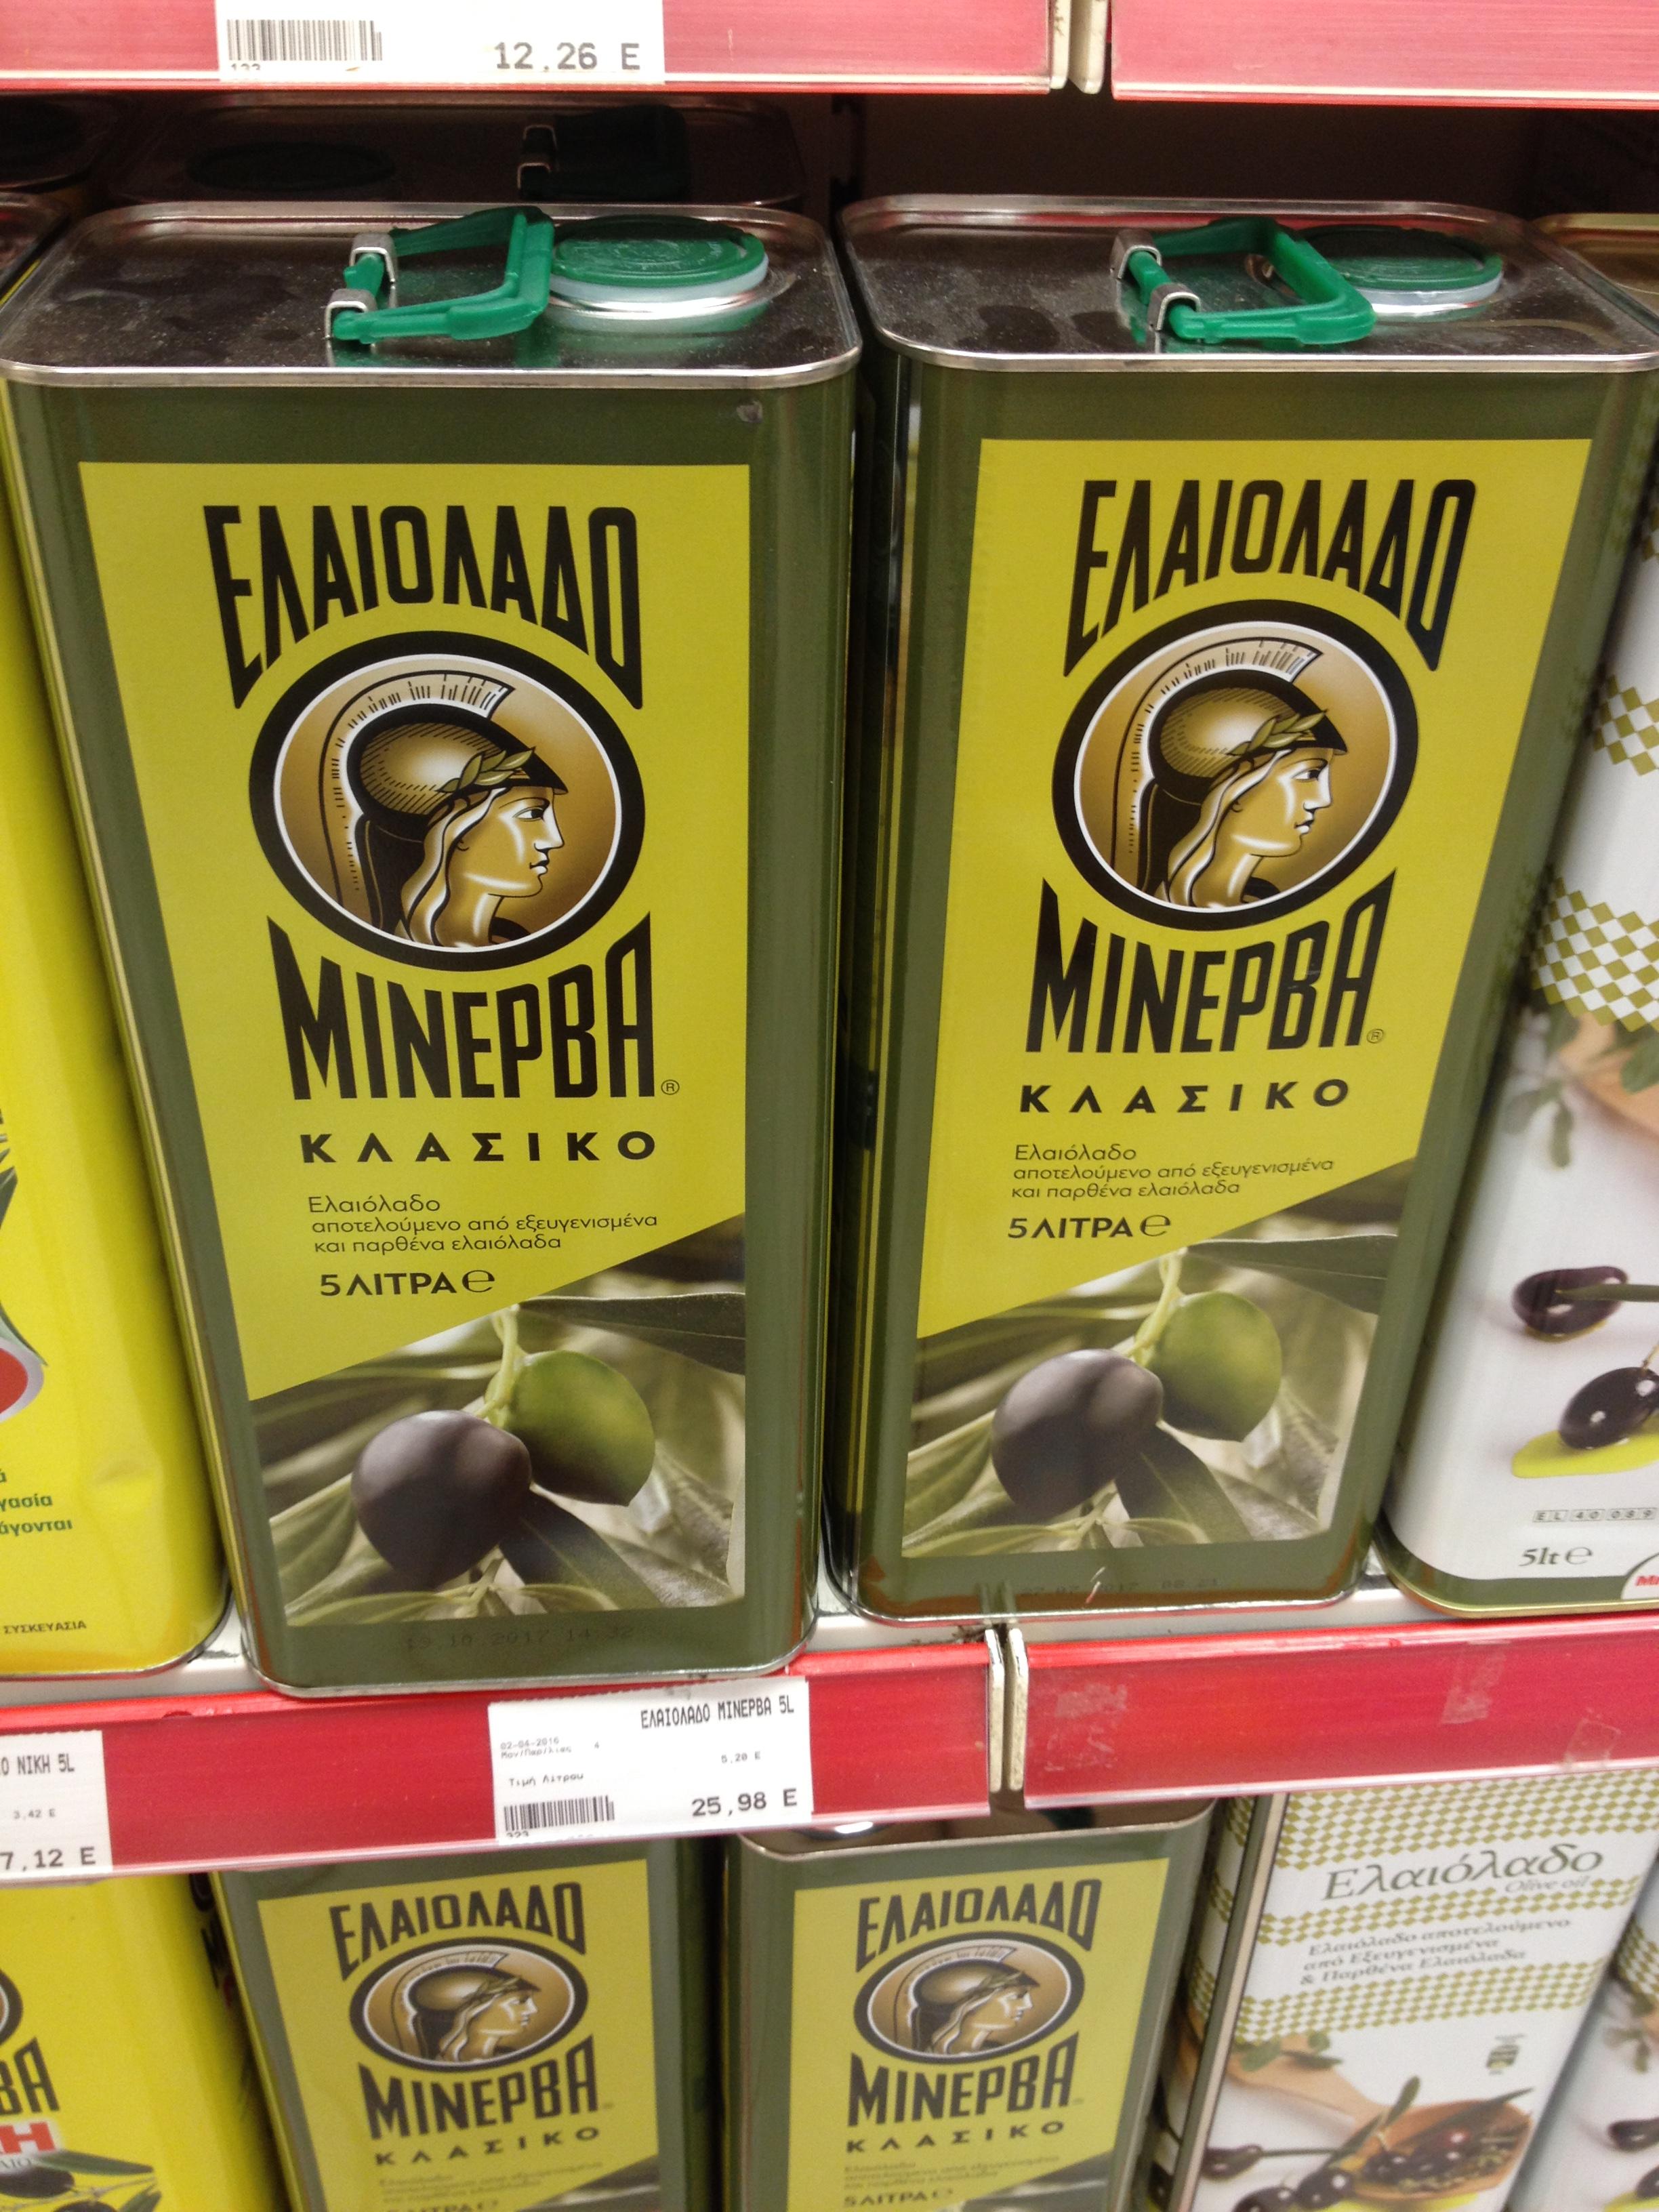 Szűz és finomított olívaolaj keveréke ez a termék. A nagyobb, 5 literes kiszerelésű olajokat ilyen fémdobozokban árulják. (Fotó: Sztogi)